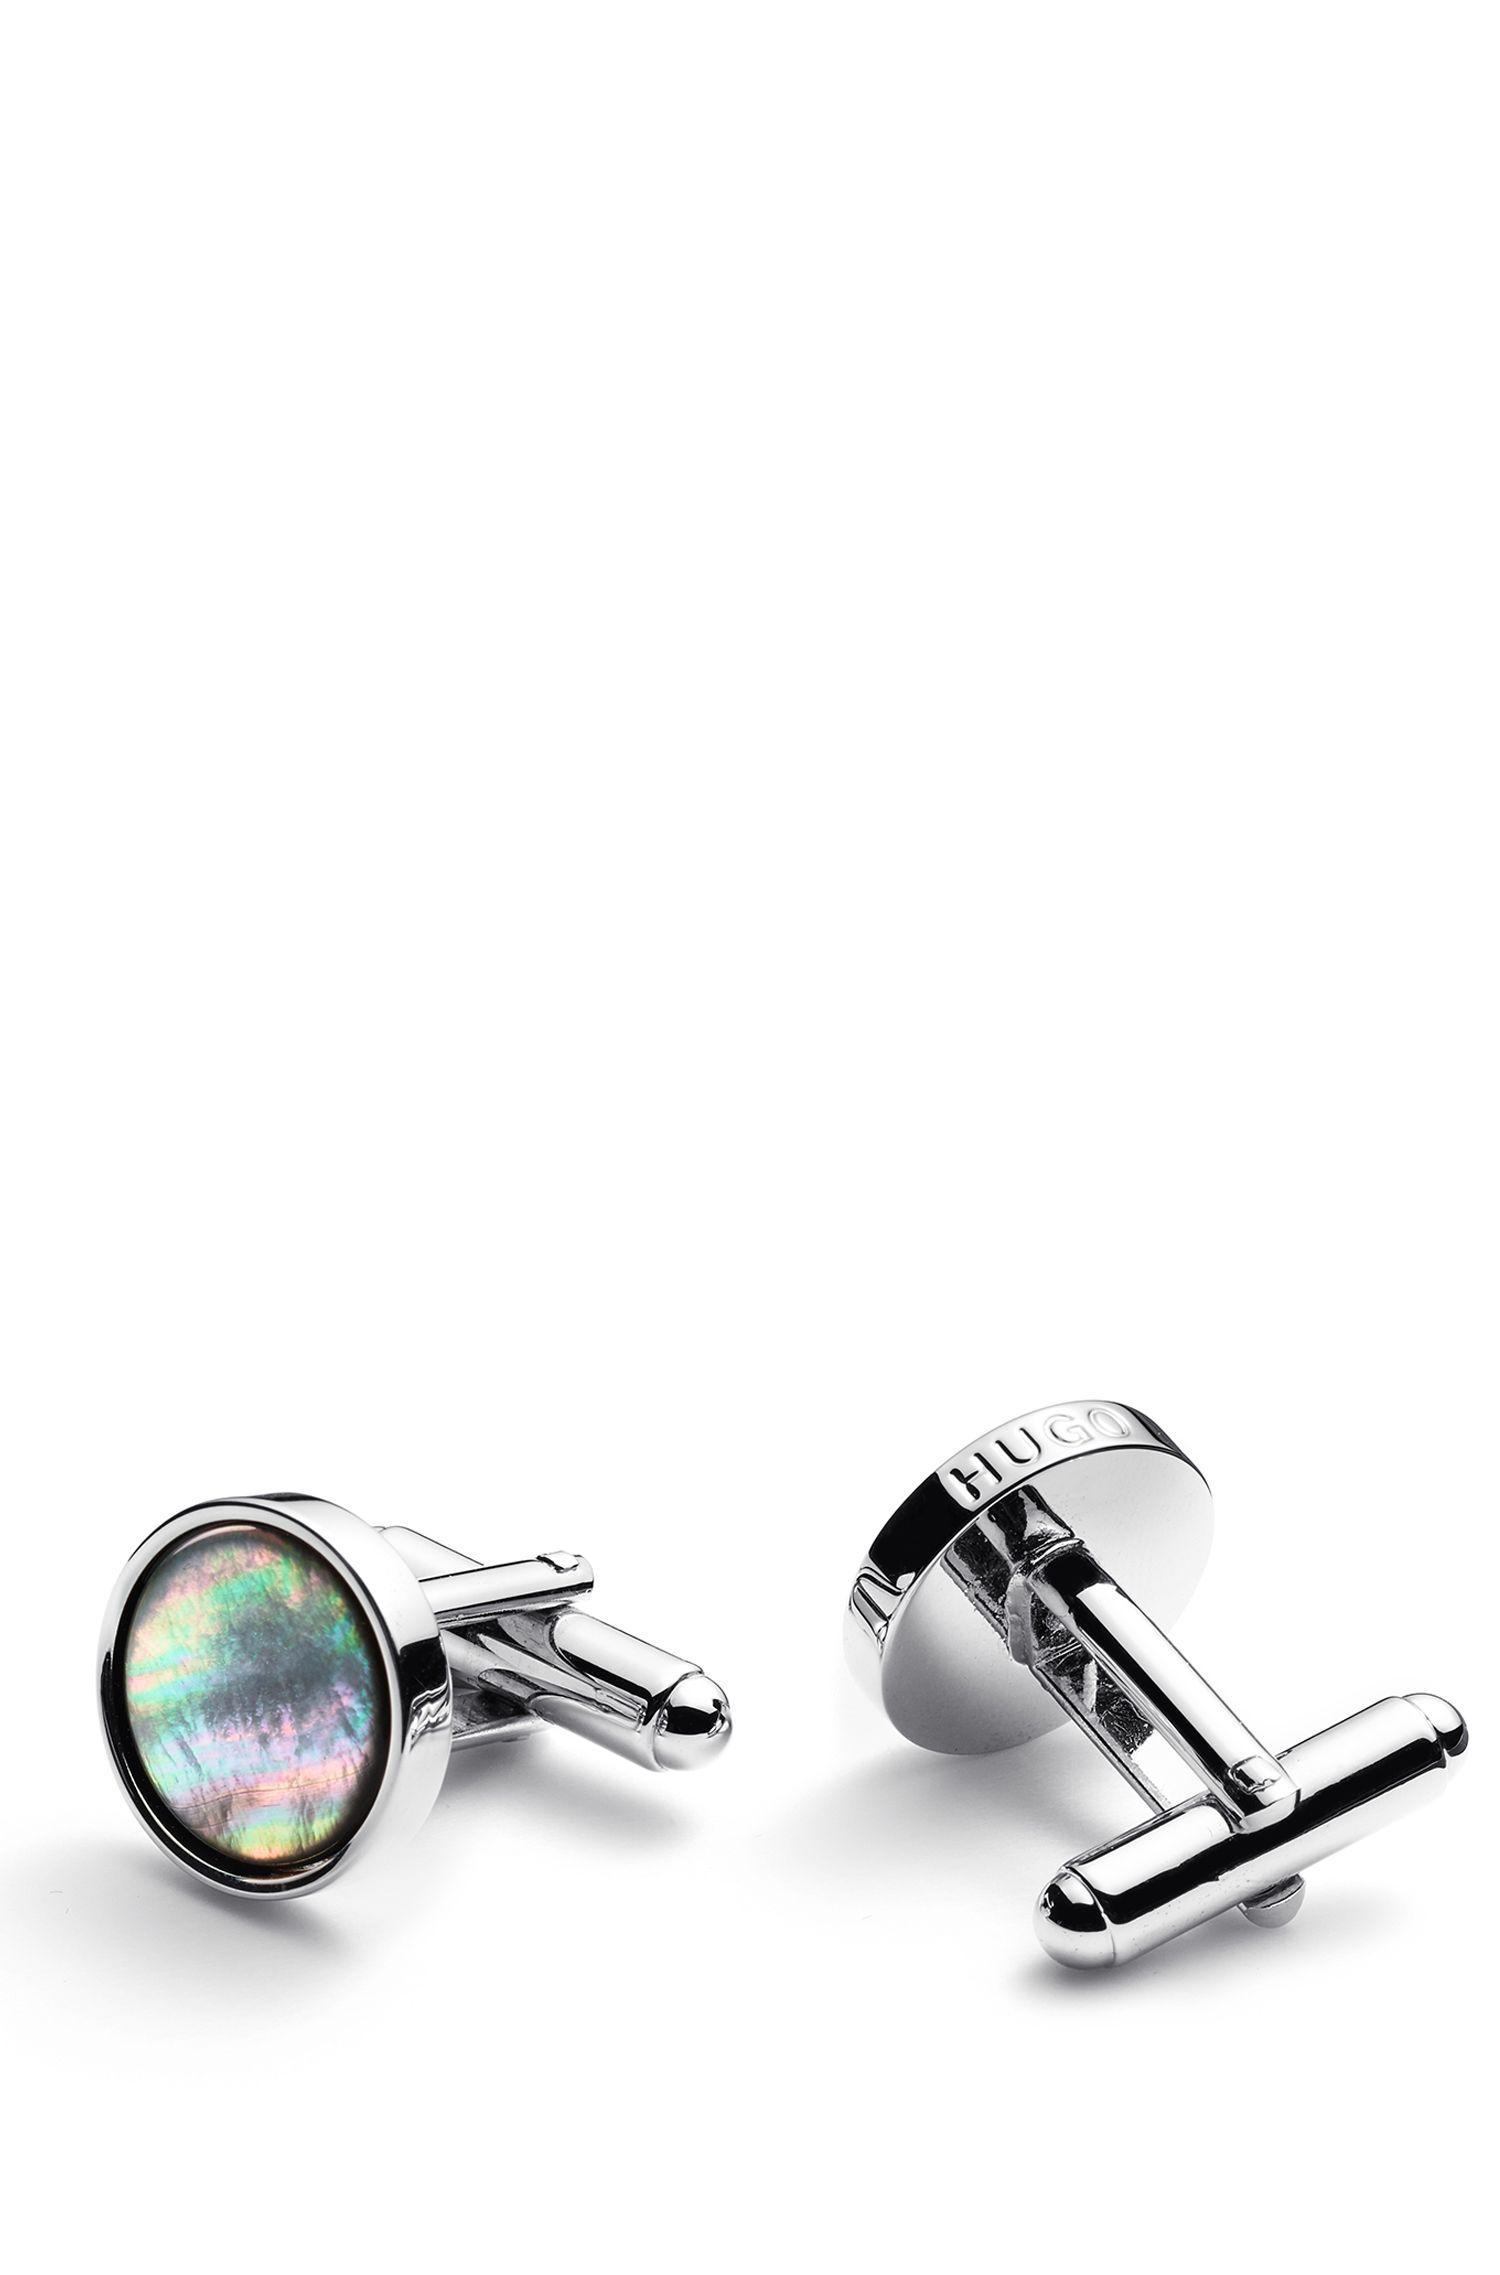 Runde Manschettenknöpfe aus poliertem Messing mit Perlmutt-Einsatz, Silber